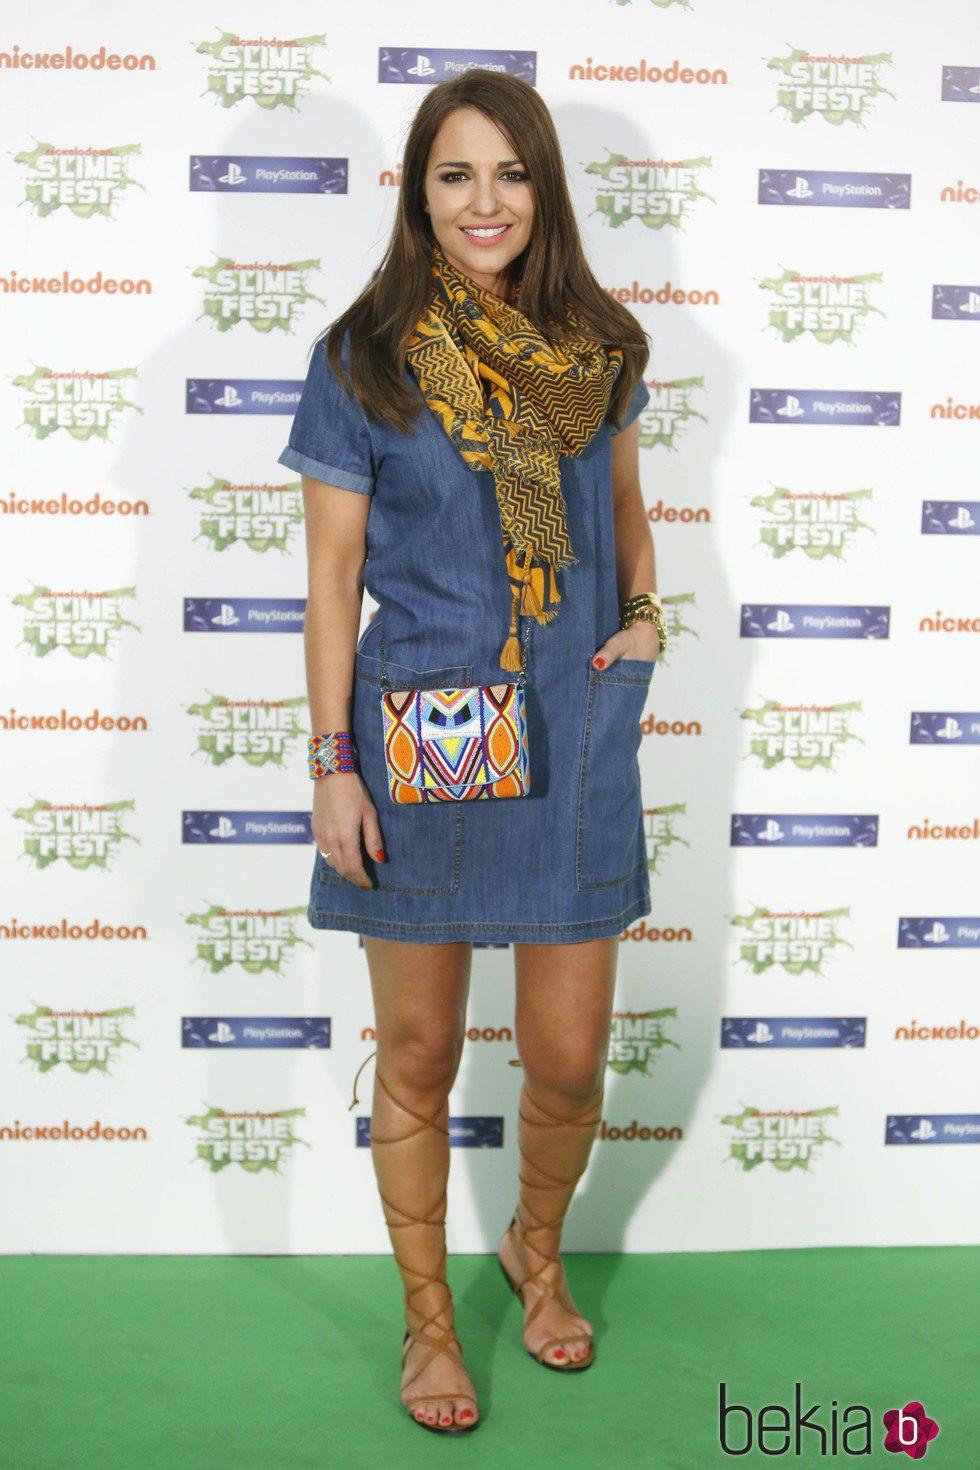 Paula Echevarría en la gala de los Nickelodeon Slime Fest 2015